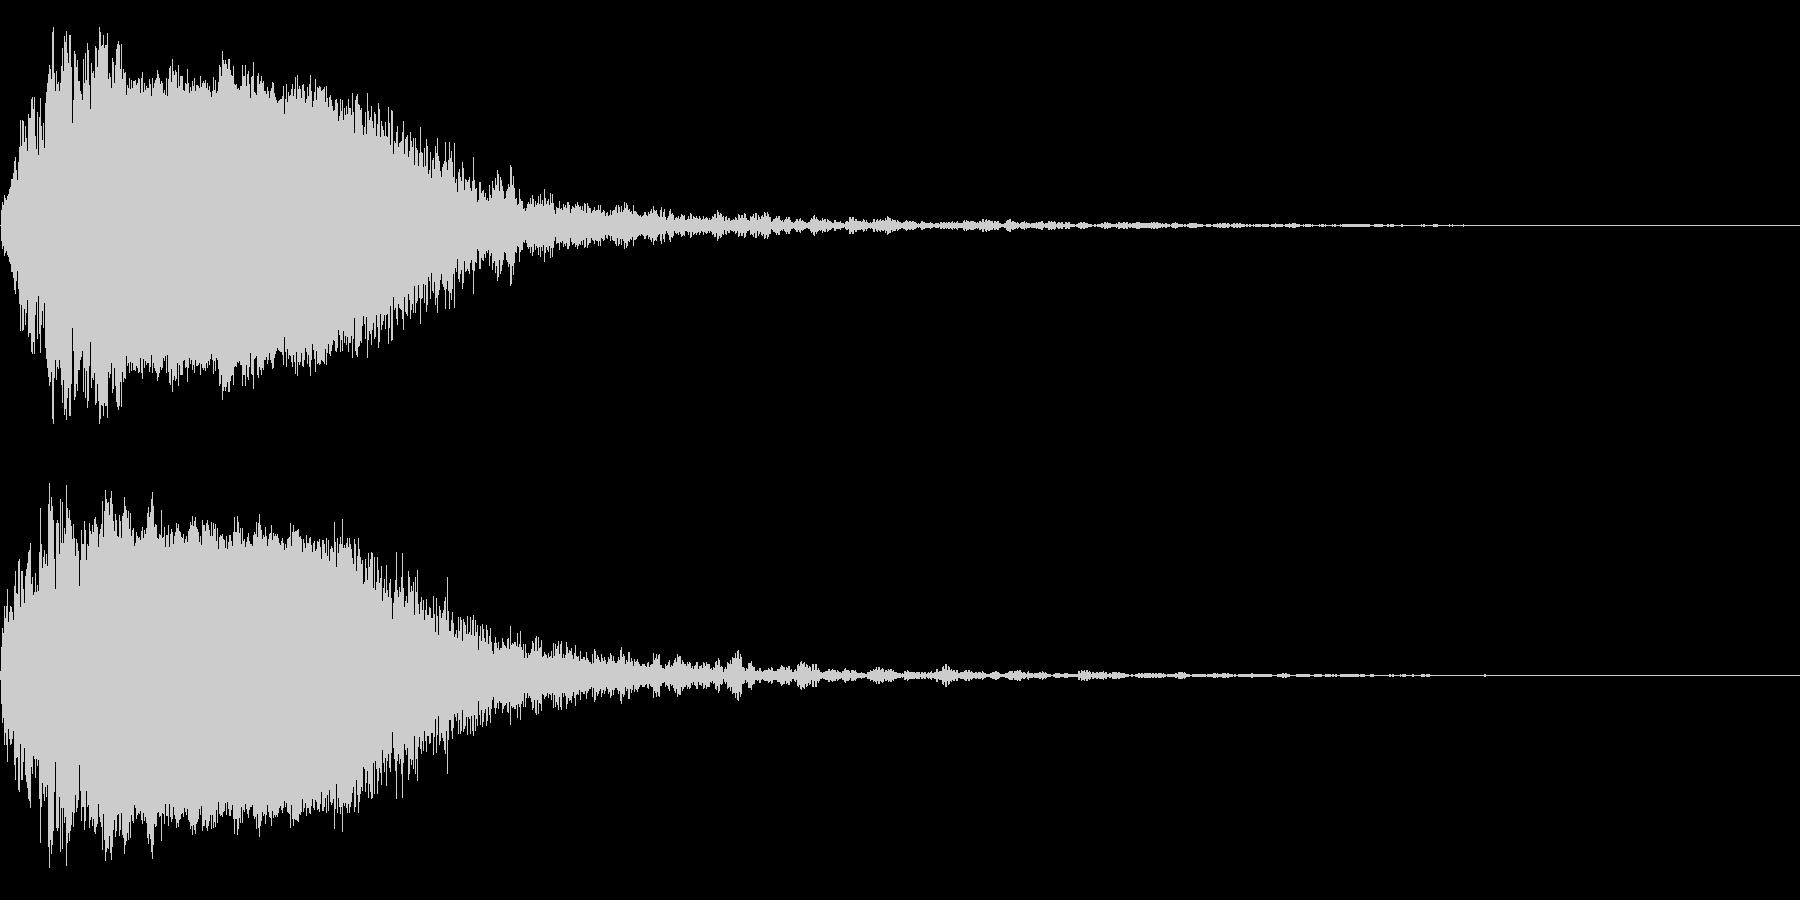 シャキーン!ド派手なインパクト効果音36の未再生の波形